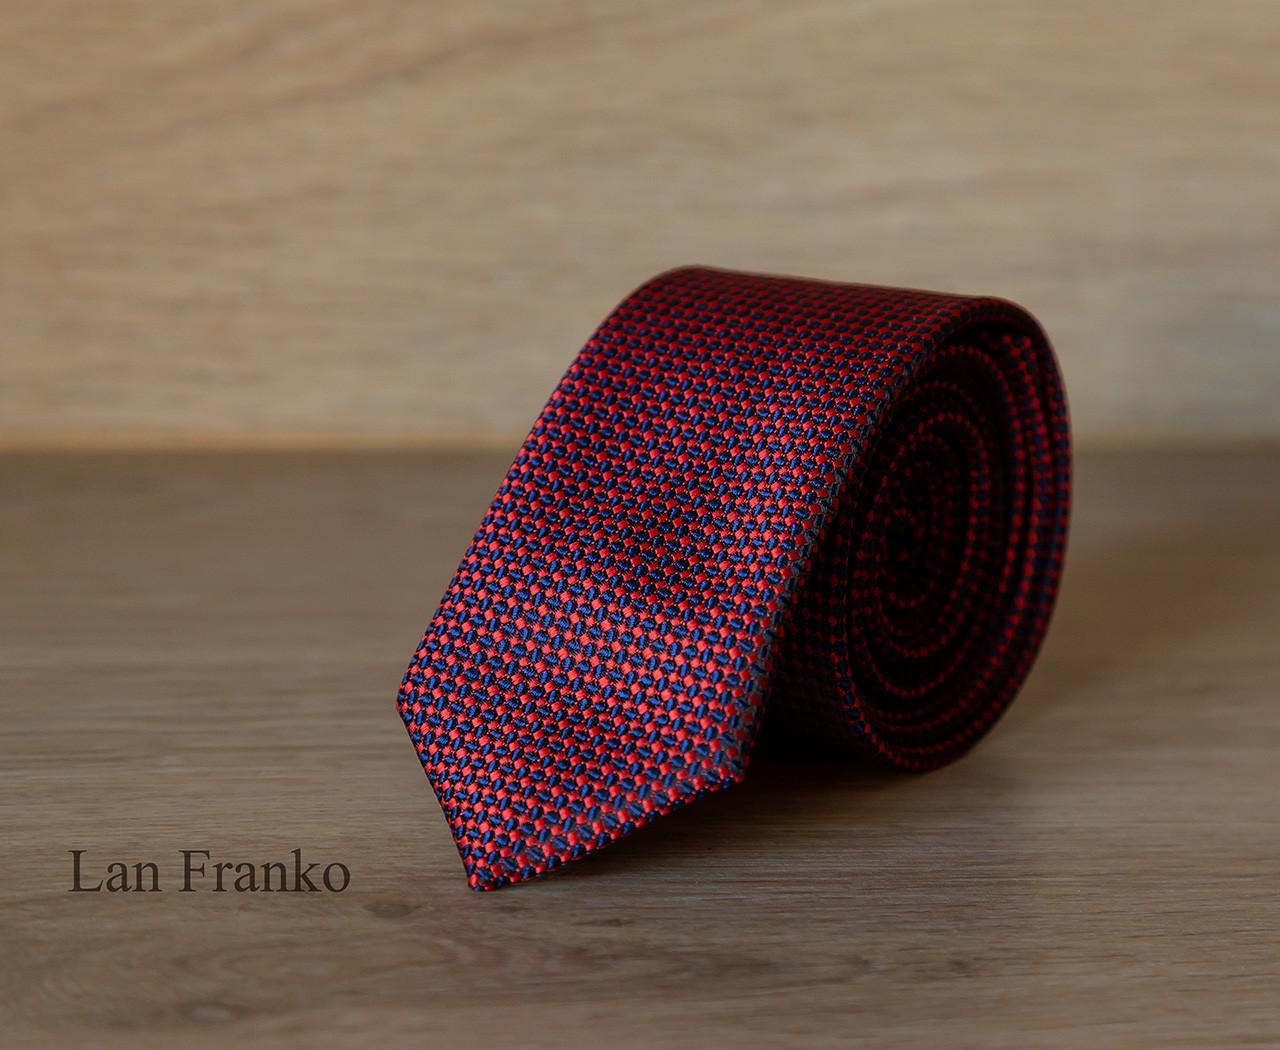 Краватка чоловіча вузька з візерунком  Lan Franko